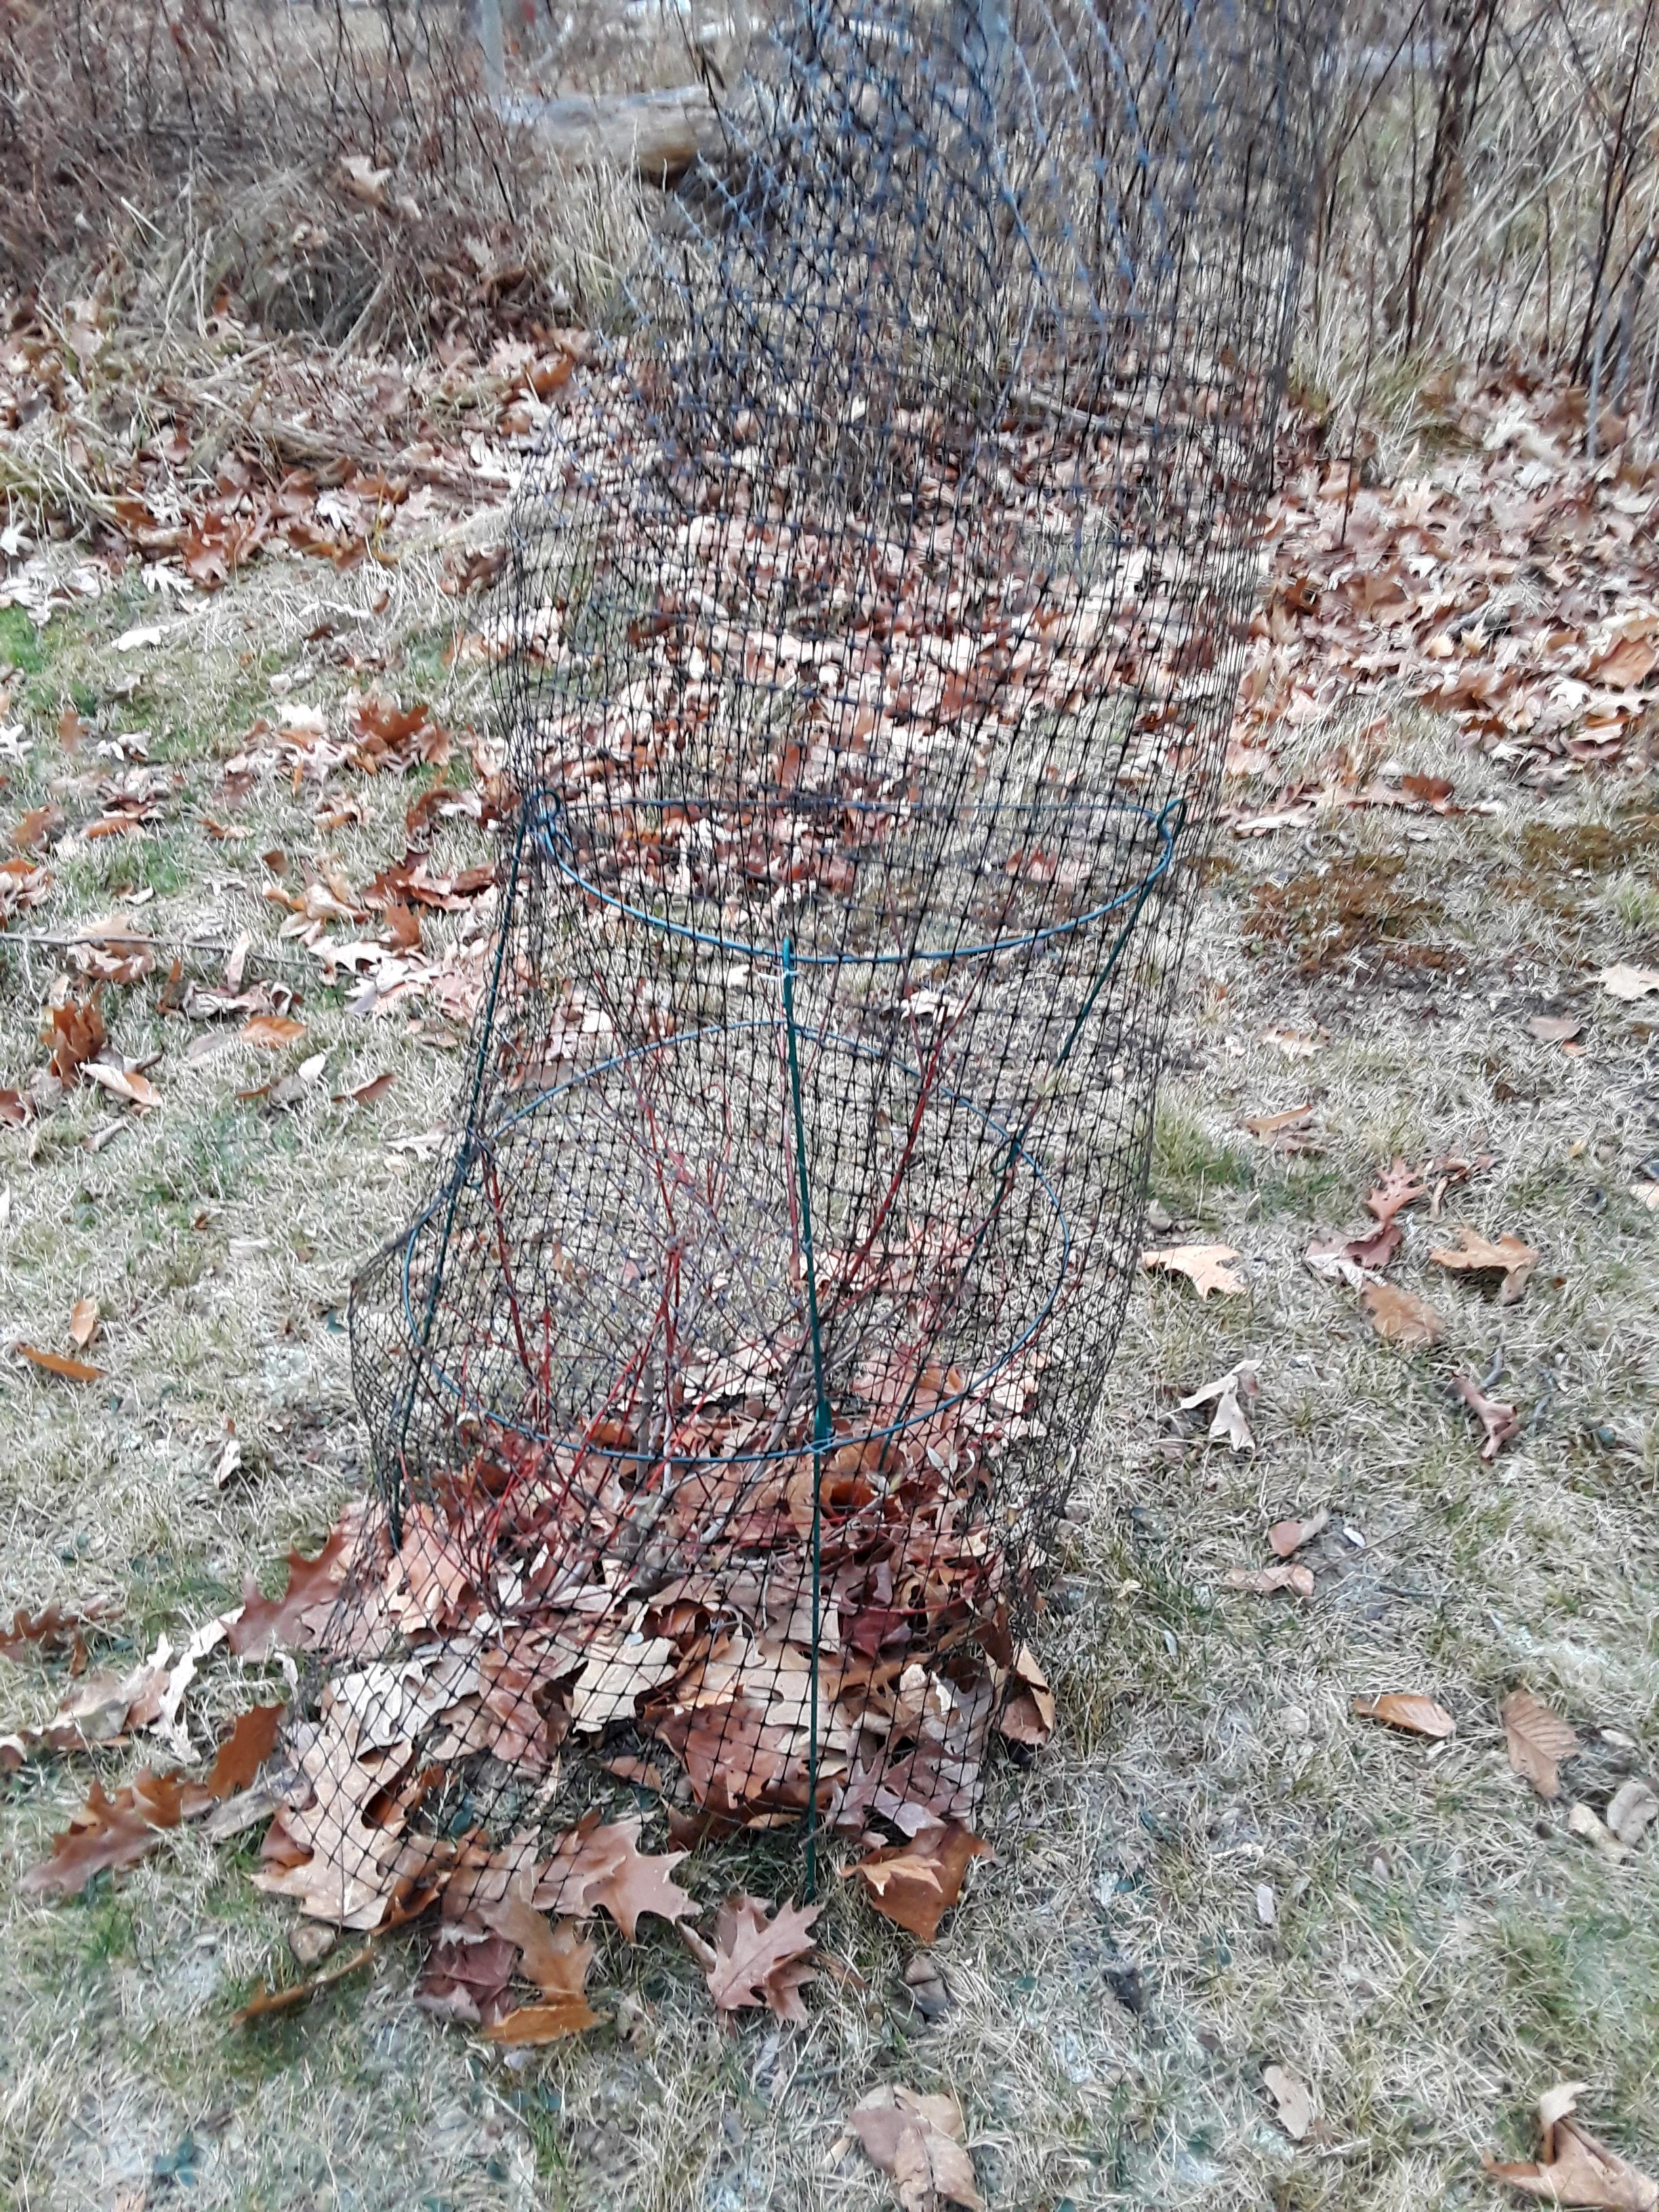 Deer netting around a peony hoop